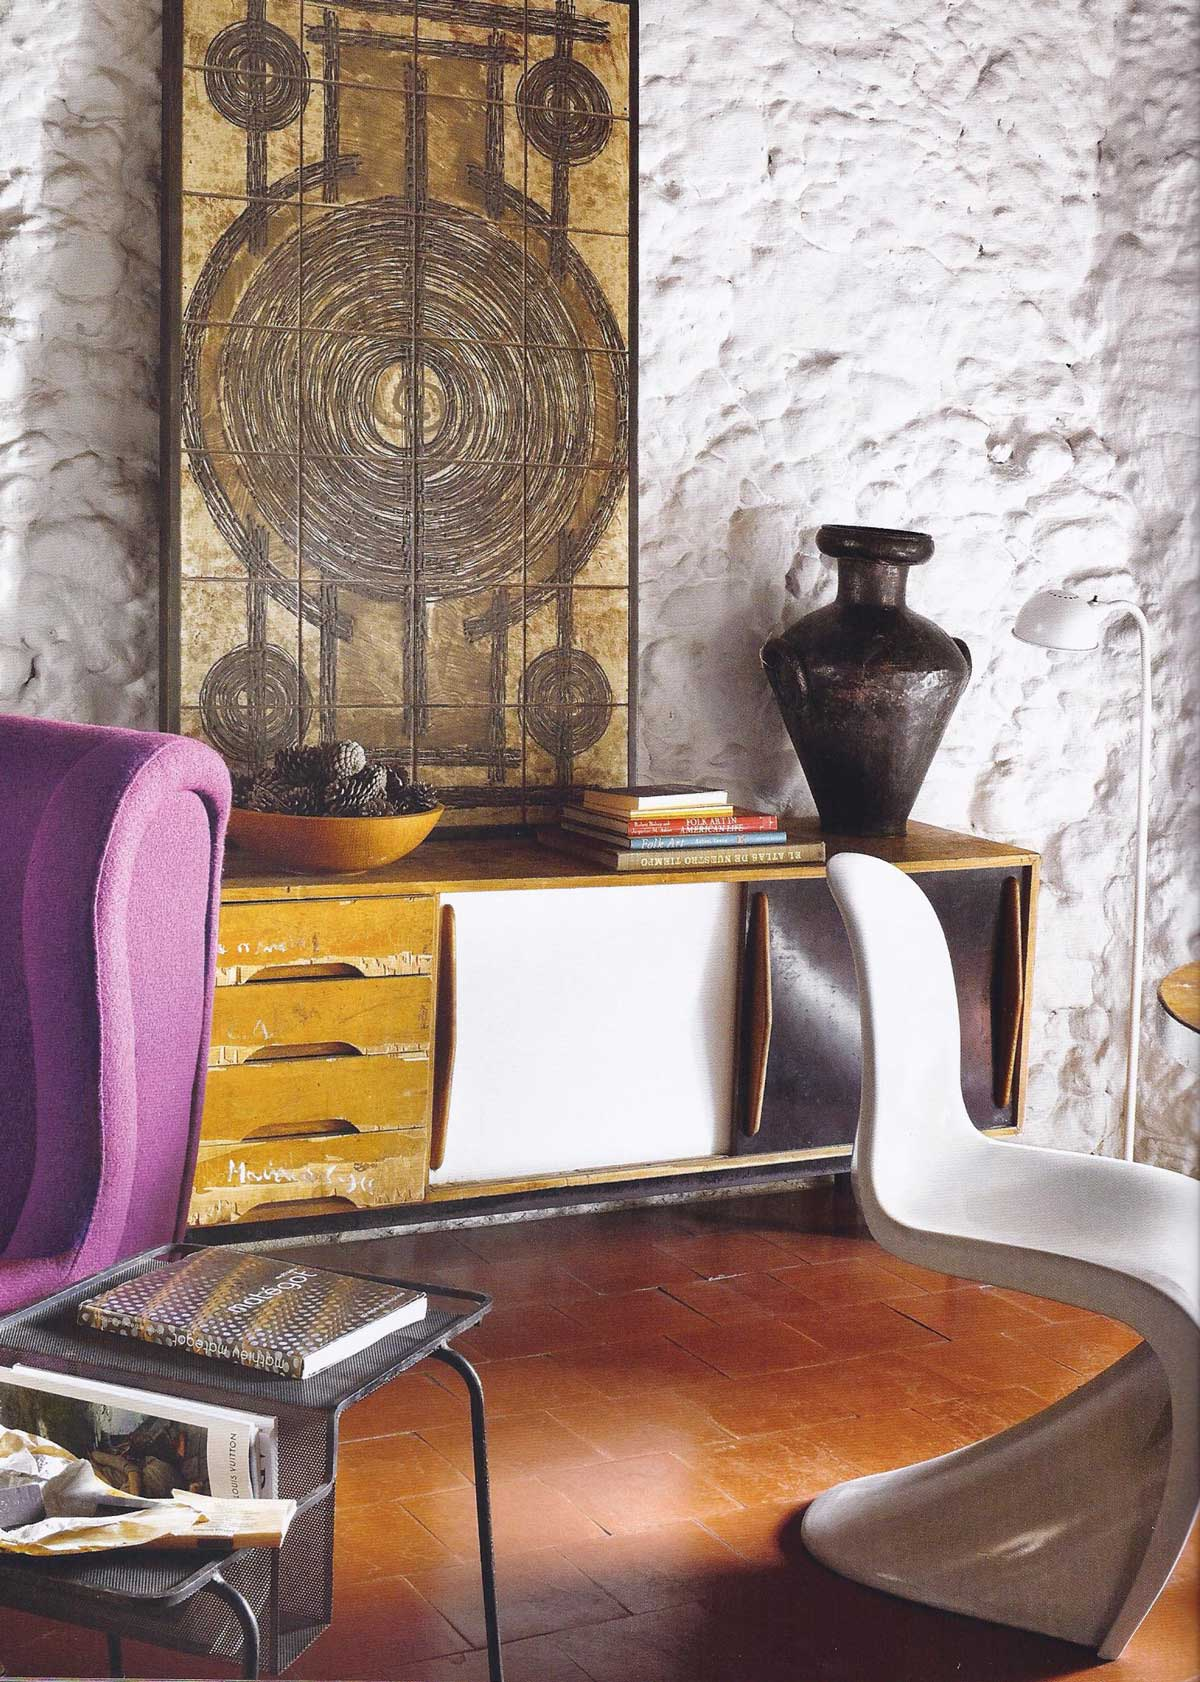 ad_spain-07-interior-06